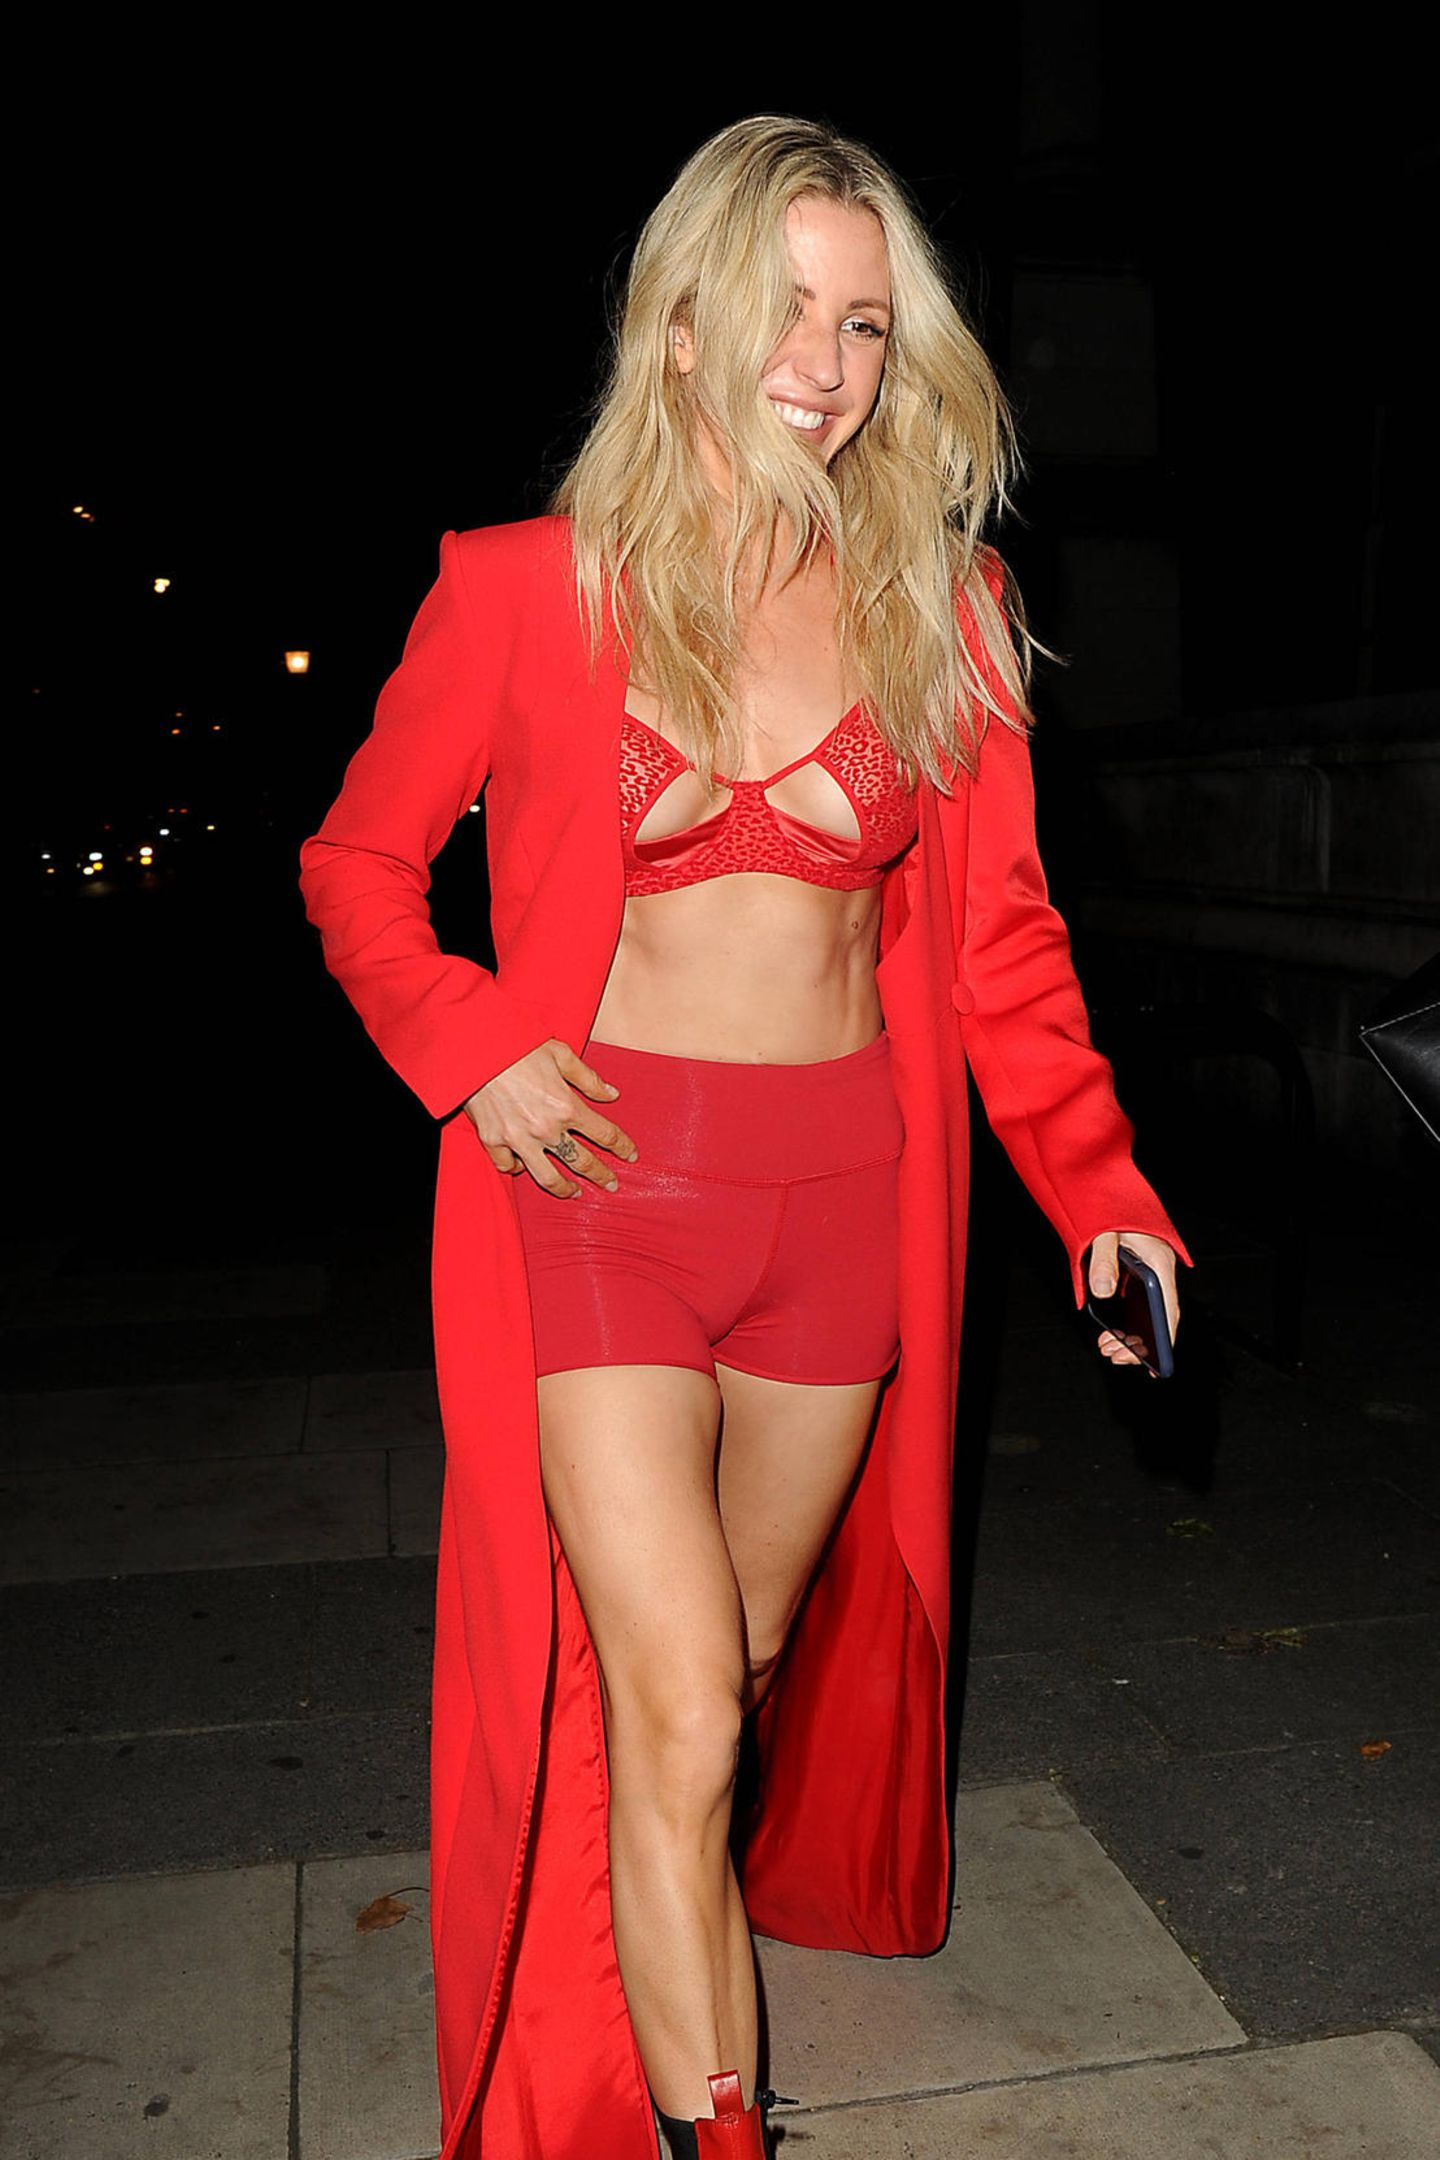 Ellie Goulding ist für ihren unkonventionellen Style bekannt. Nach einem virtuellen Konzert in London zeigtsie aber doch mehr, als ihr vermutlich lieb ist: Zur ultraknappen Hotpants kombiniert sie einen BH, der sich als ziemlich transparent entpuppt. Dazu trägt sie einen langen Mantel und derbe Boots - alleTeile in der Signalfarbe Rot. Übersehen wird sie damit jedenfalls nicht …